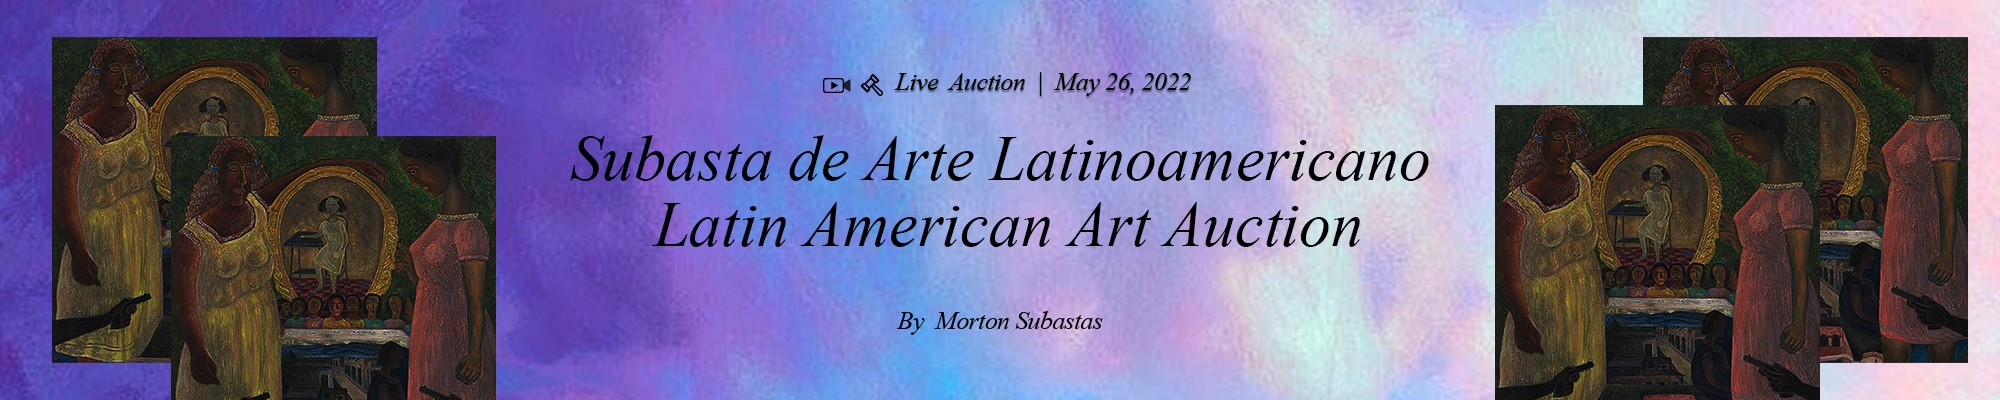 antiques-sale-featuring-the-collection-of-san-ignacio-hacienda-morton-subastas